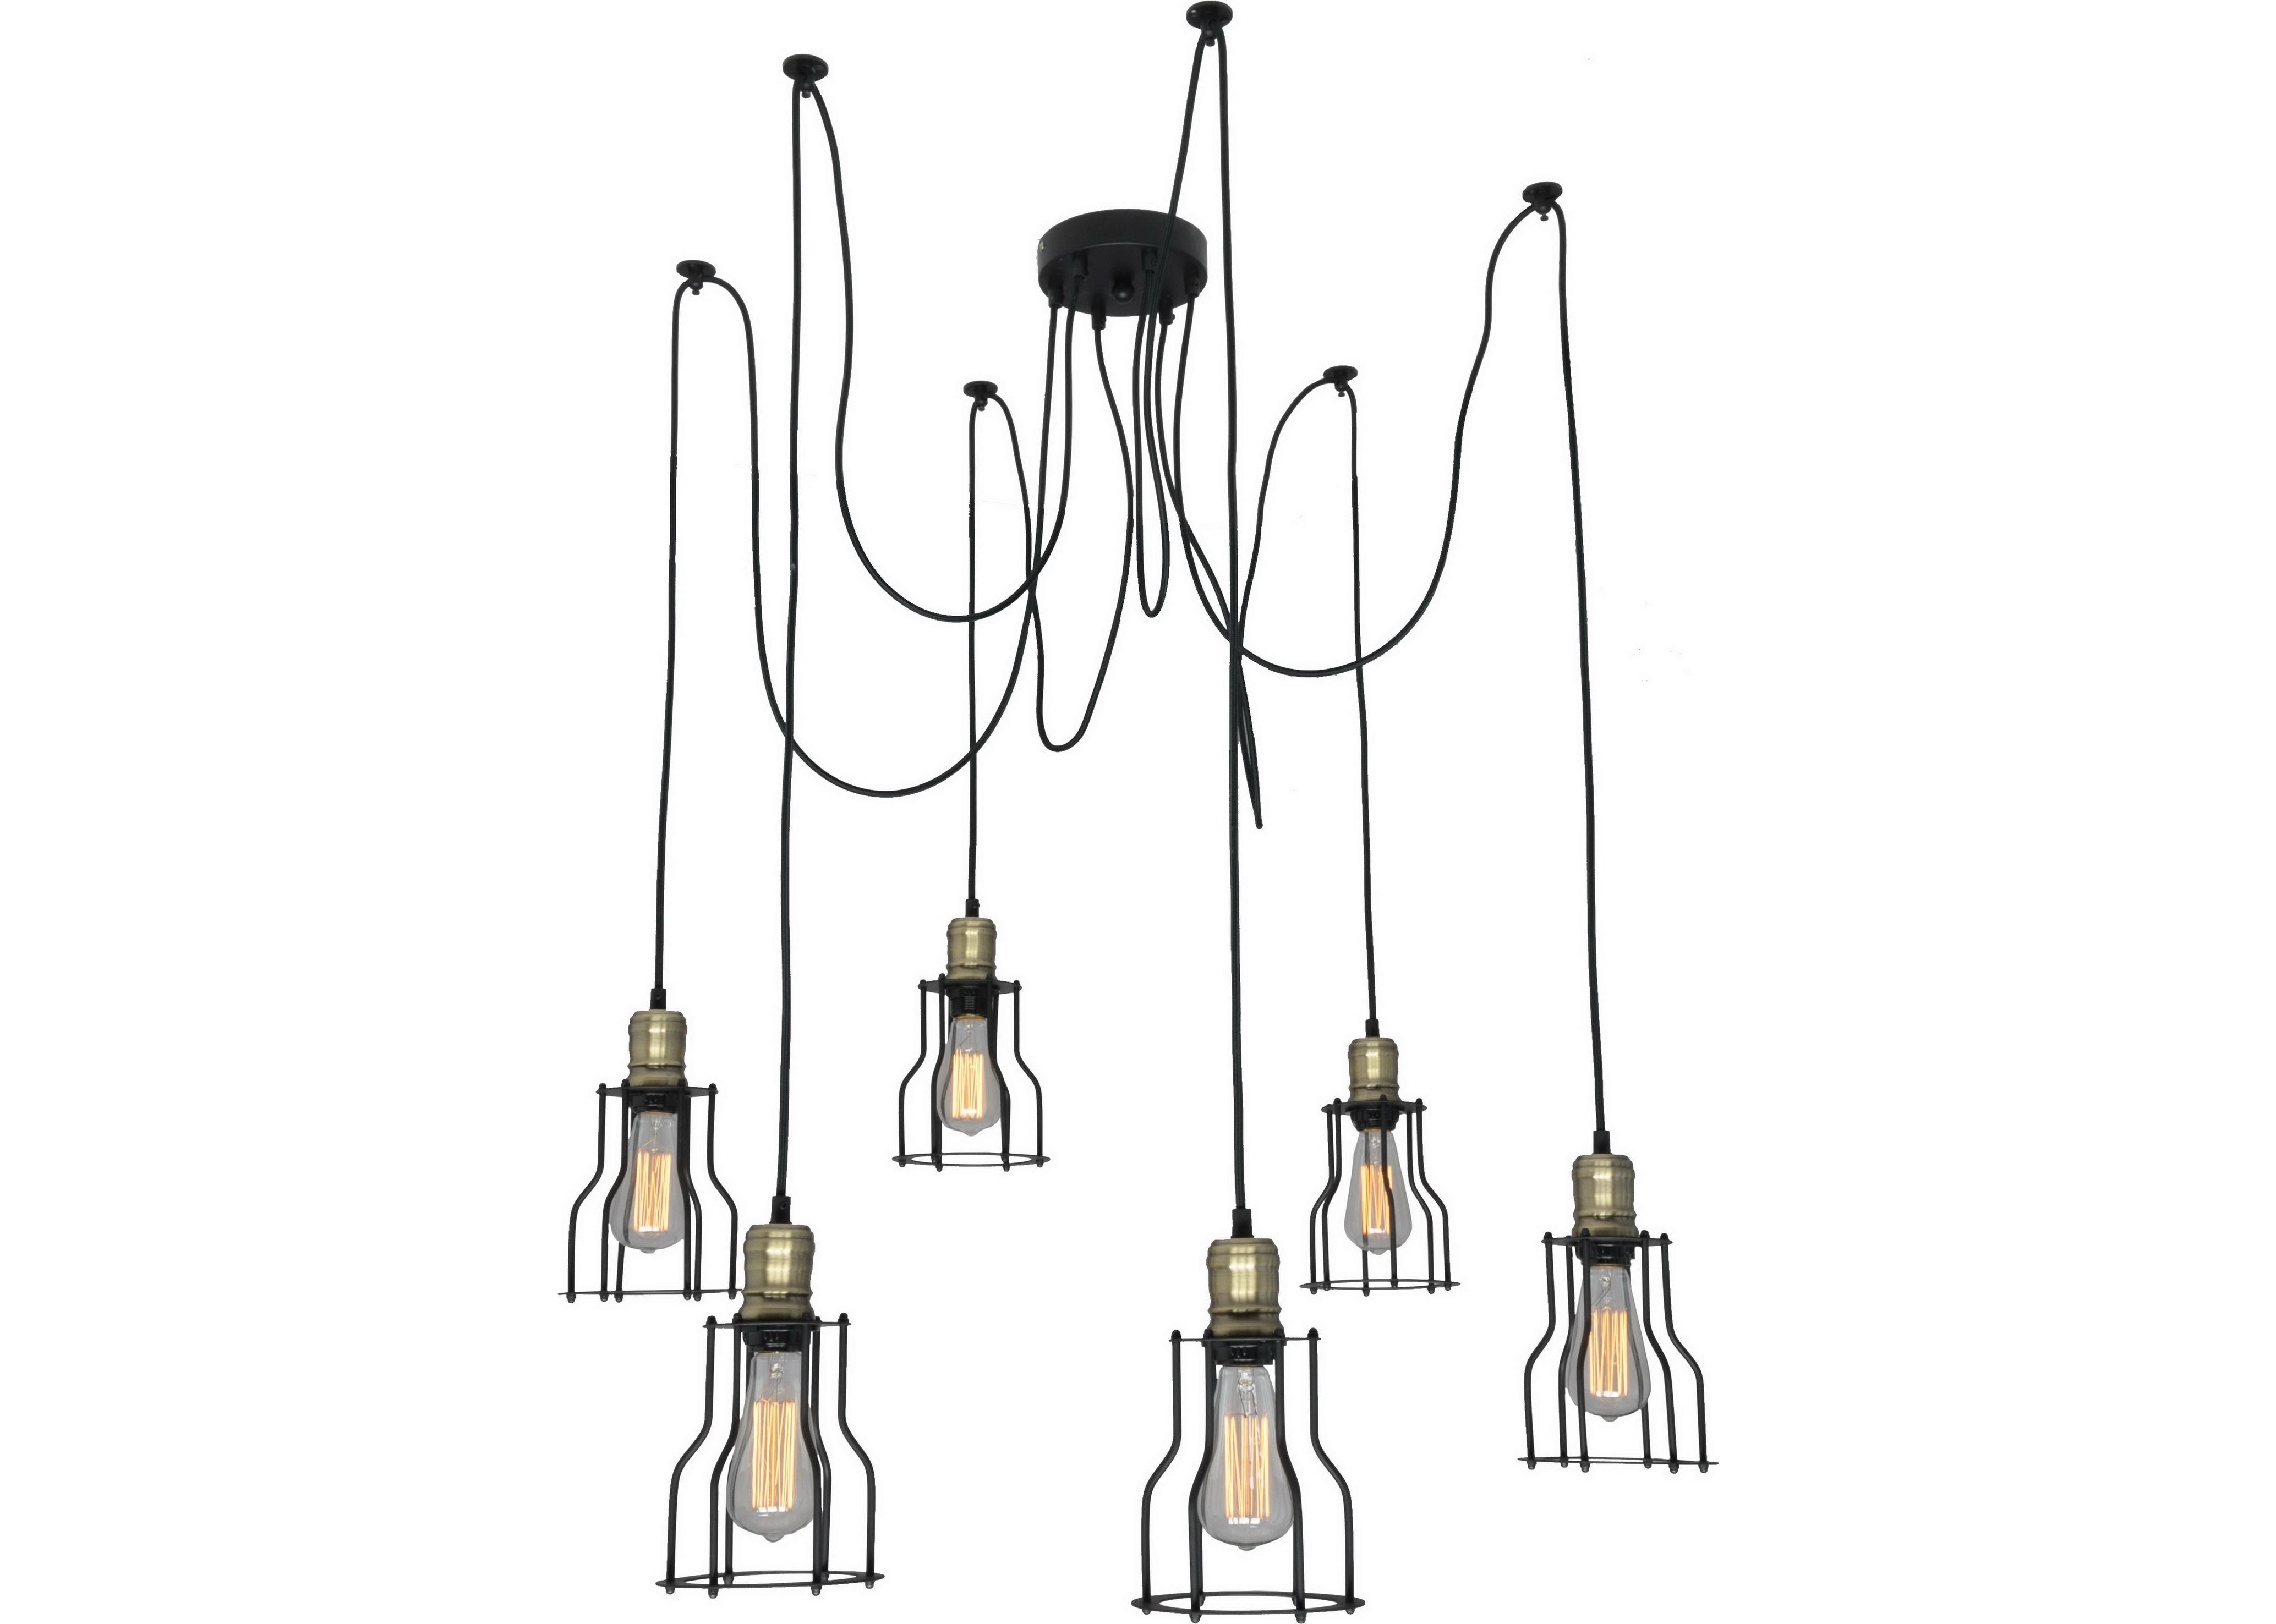 Подвесной светильникПодвесные светильники<br>Материал: металл<br>Лампочки в комплекте: 6*60W<br>Цоколь: E27<br>Цвет: черный, латунь<br><br>Material: Металл<br>Высота см: 200